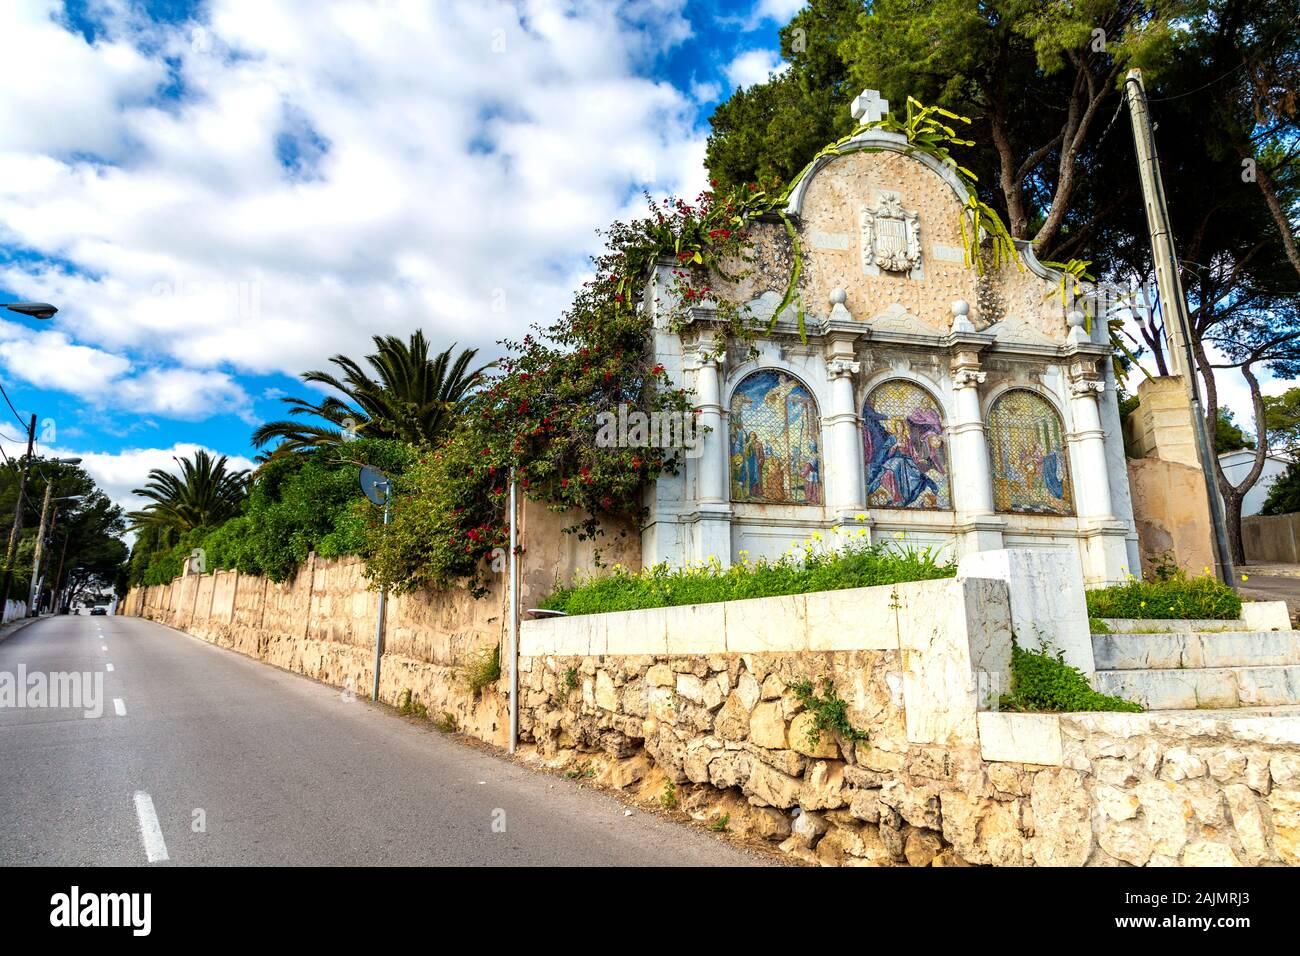 Schrein in der ruhigen Nachbarschaft von La Bonanova, Mallorca, Spanien Stockfoto